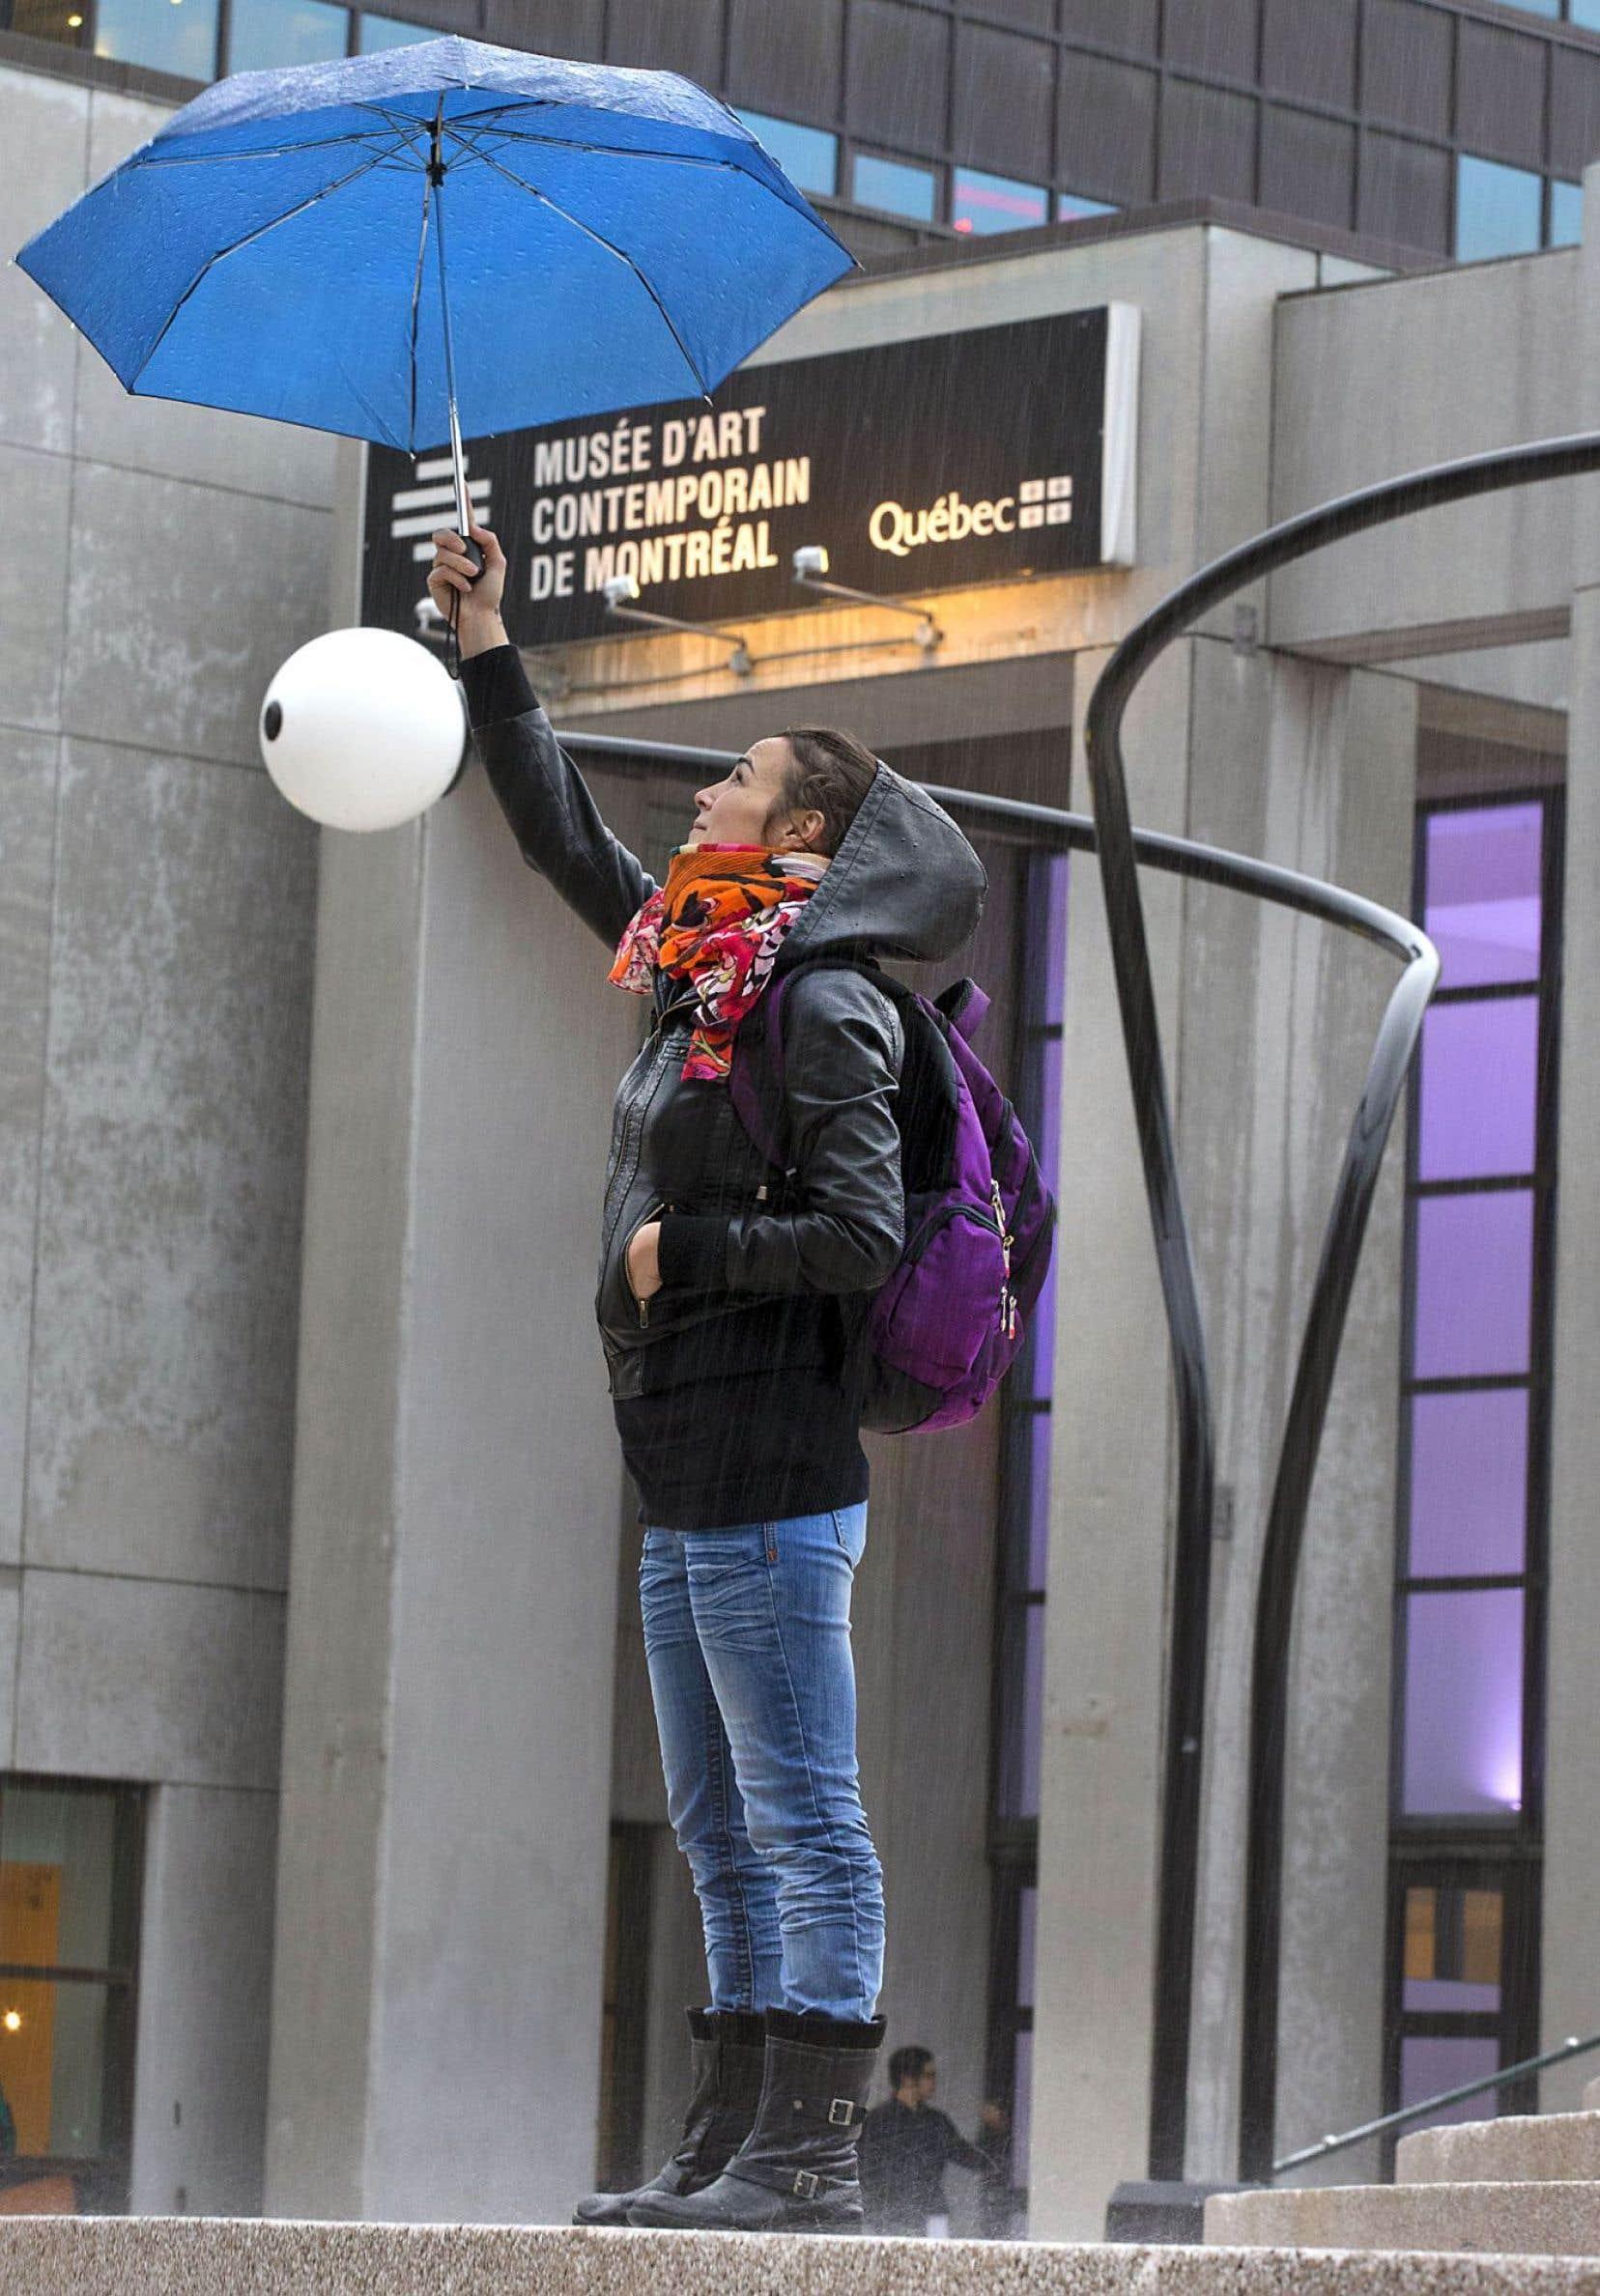 La fluctuation des revenus de billetterie a un impact direct sur la santé budgétaire des petites institutions comme le Musée d'art contemporain de Montréal.